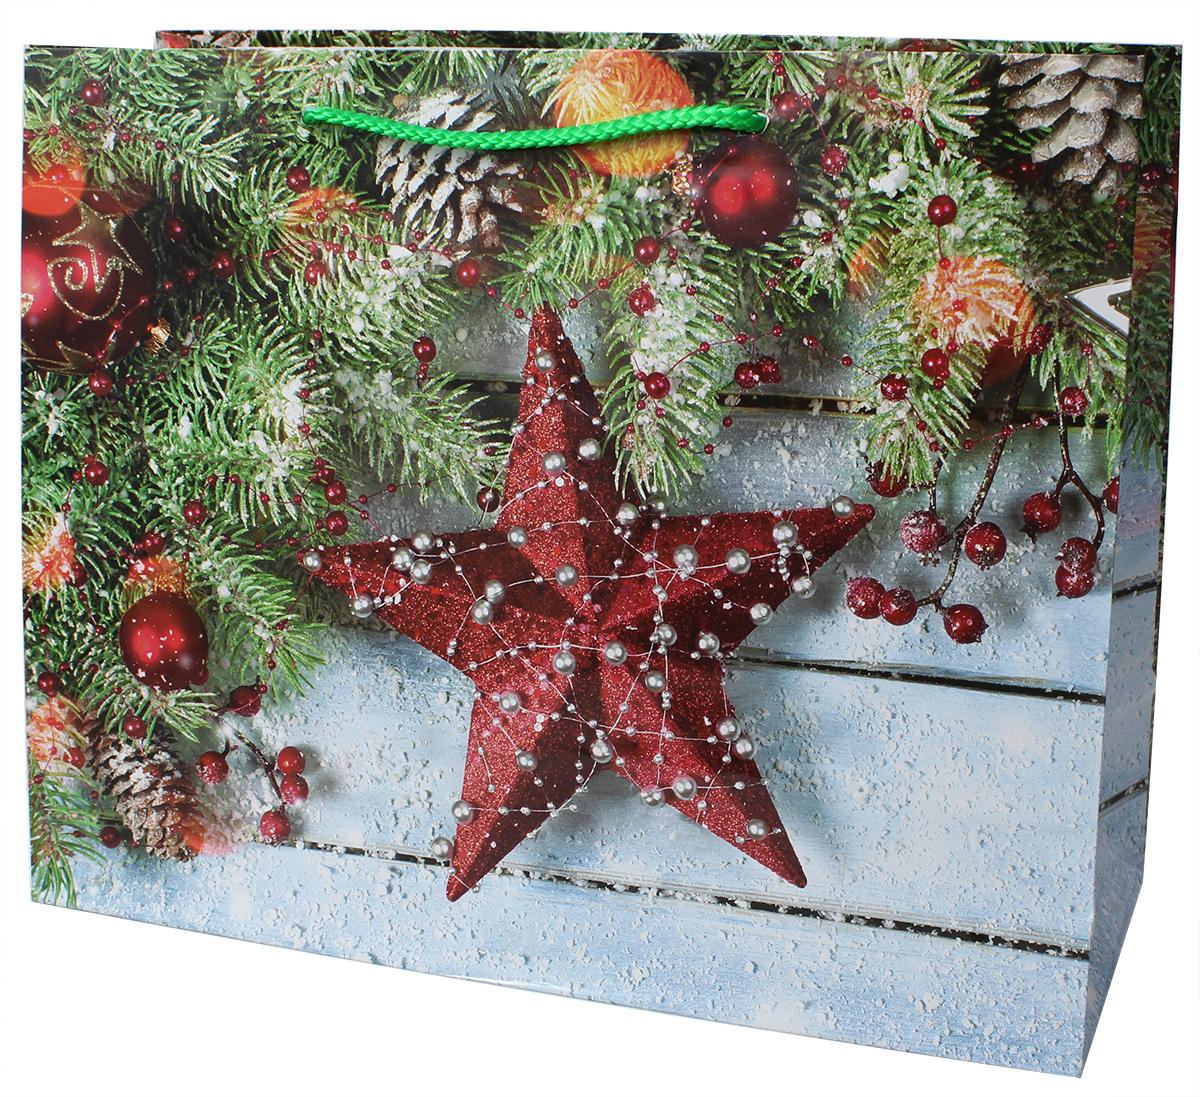 Пакет подарочный ламинированный. Ручки-шнурки. Размер:327 x 264 x 136 мм .